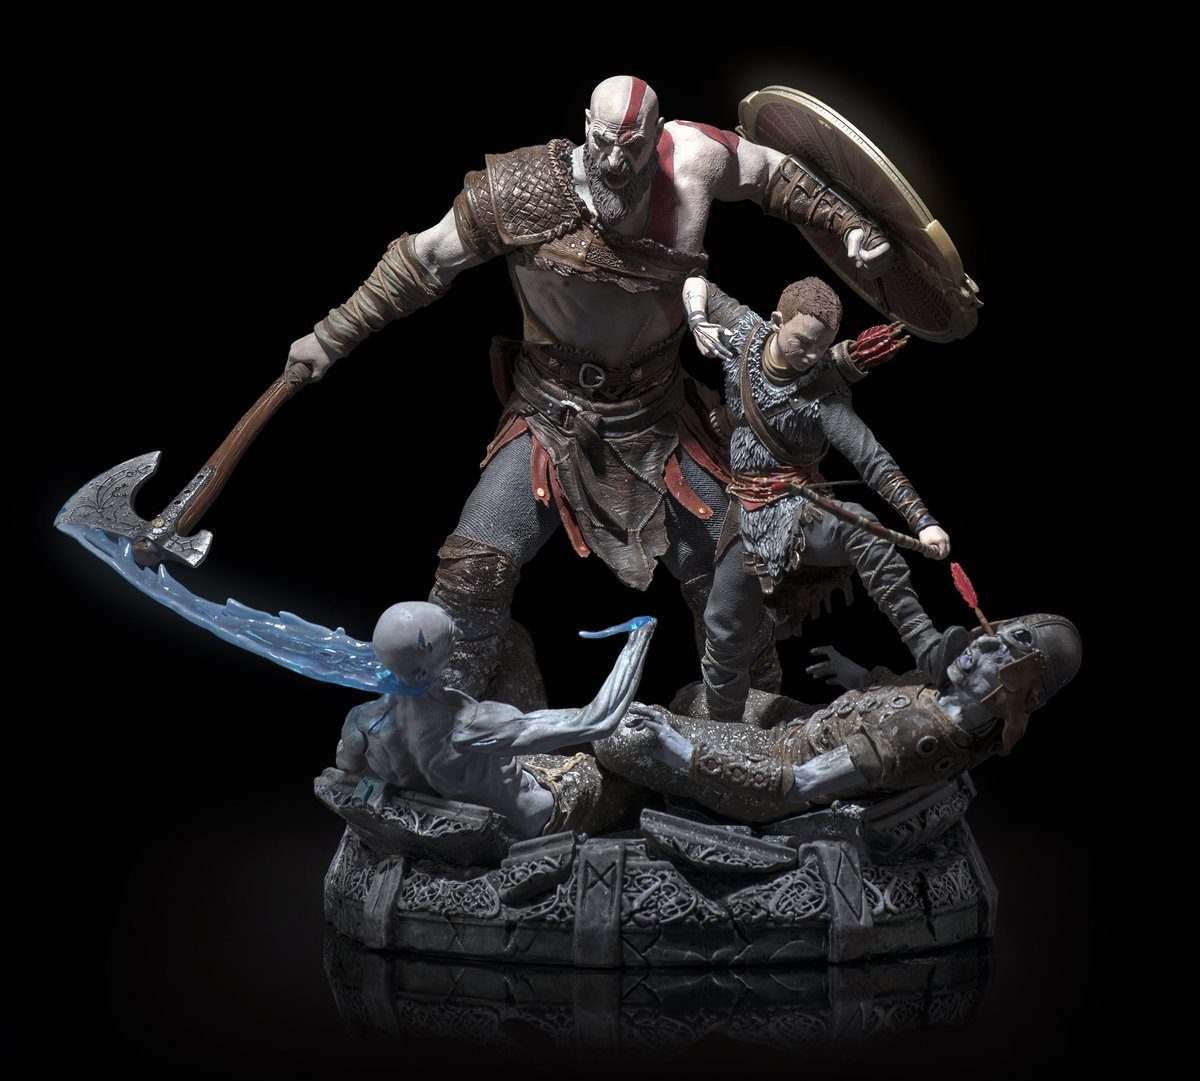 """Οι συλλεκτικές εκδόσεις του νέου God of War προσφέρουν """"μυθικό"""" περιεχόμενο!"""